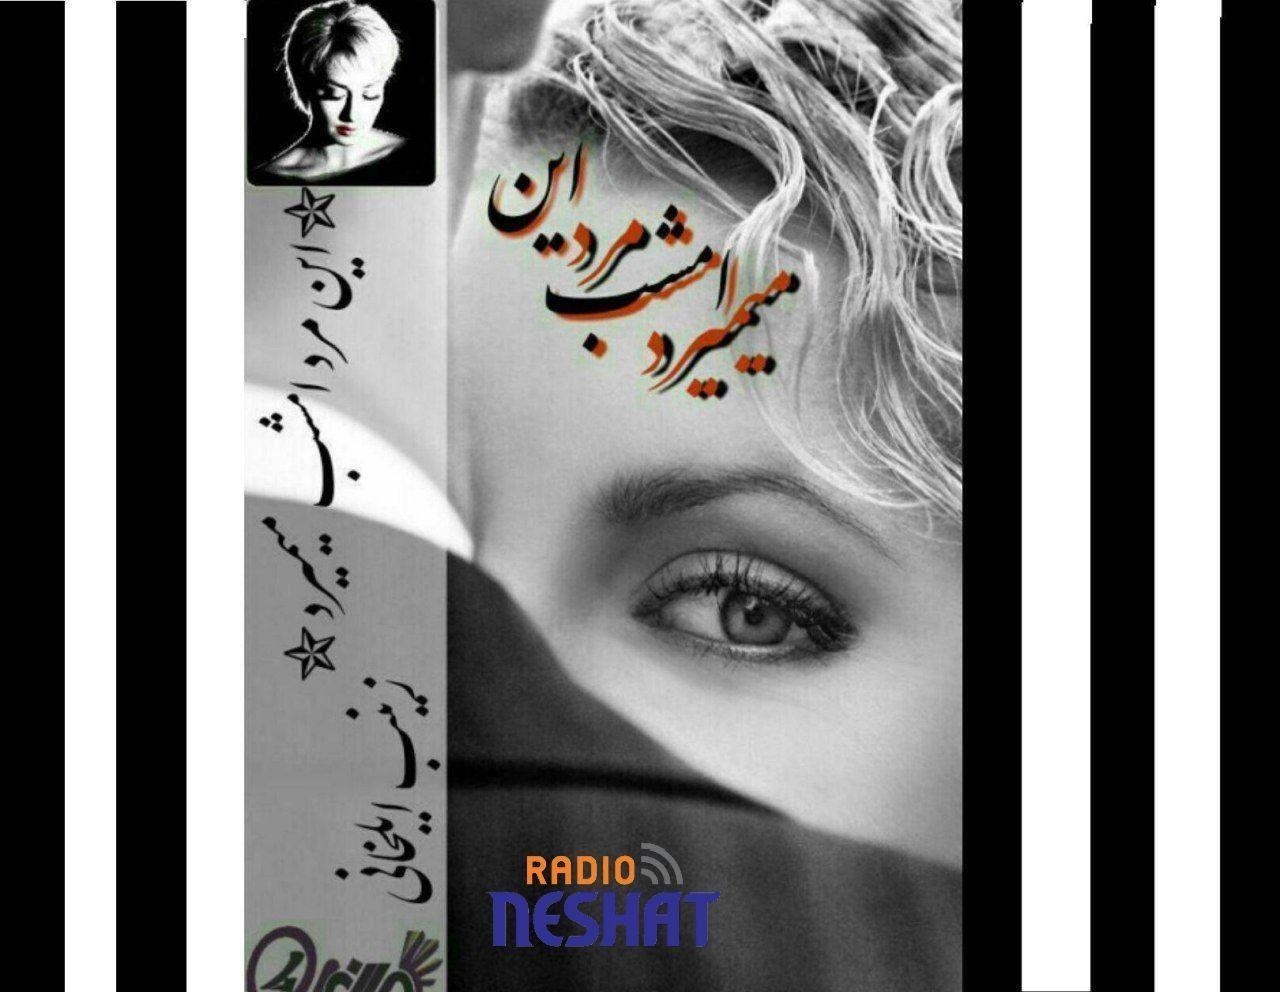 رمان این مرد امشب میمیرد (قسمت 42)/ نویسنده: زینب ایلخانی/با صدای نازنین آذرسا